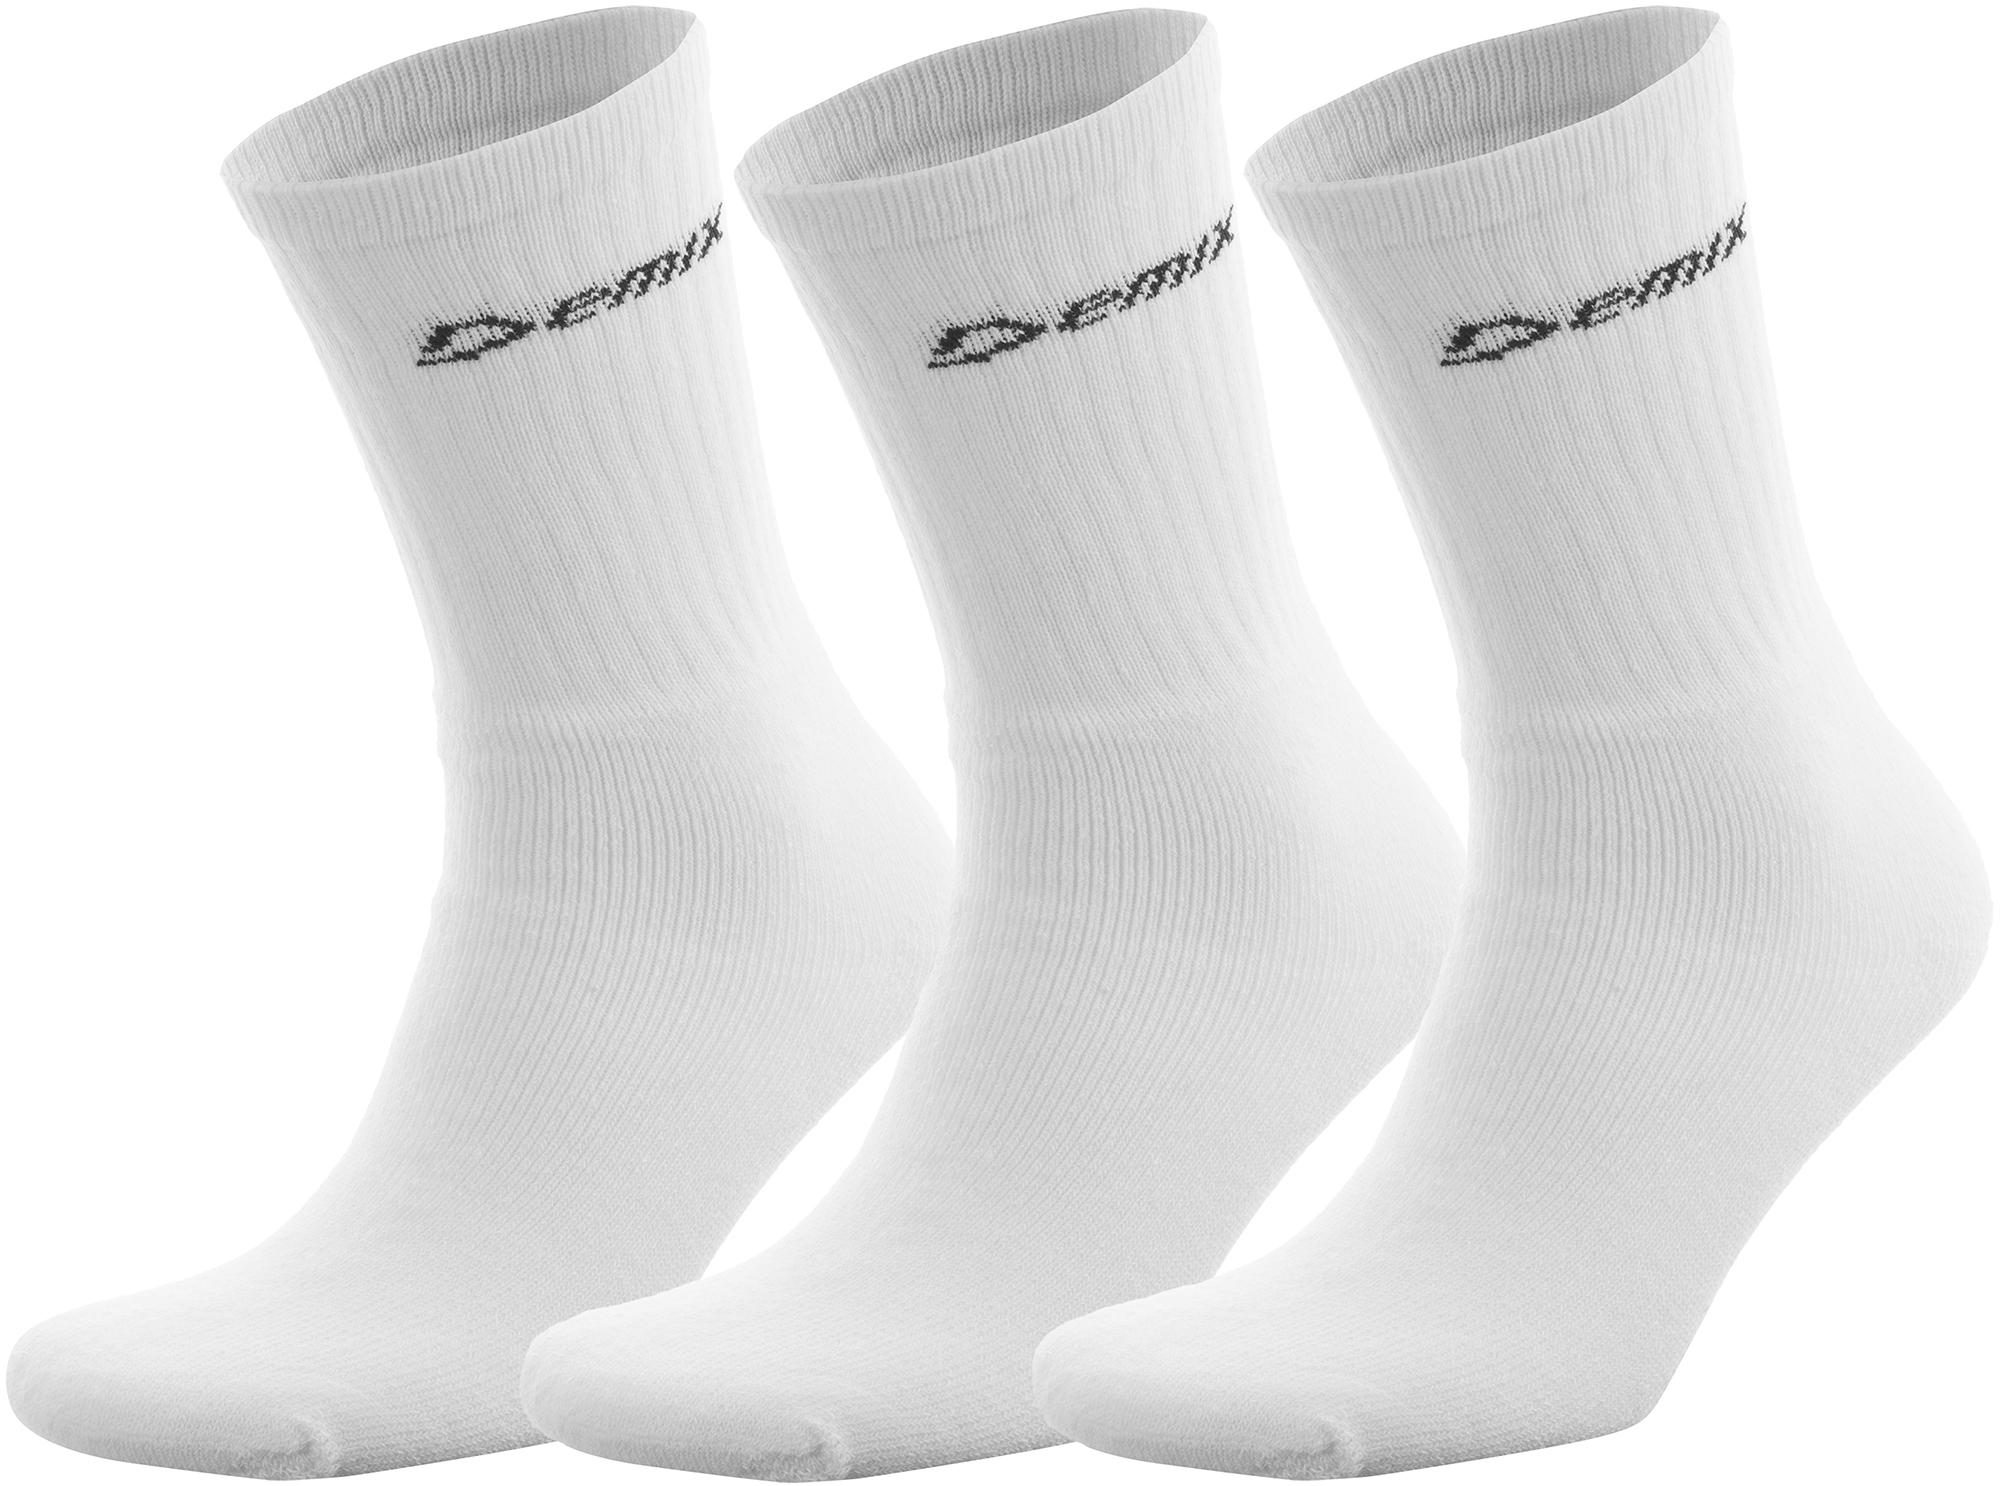 Носки Demix, 3 пары со скидкой